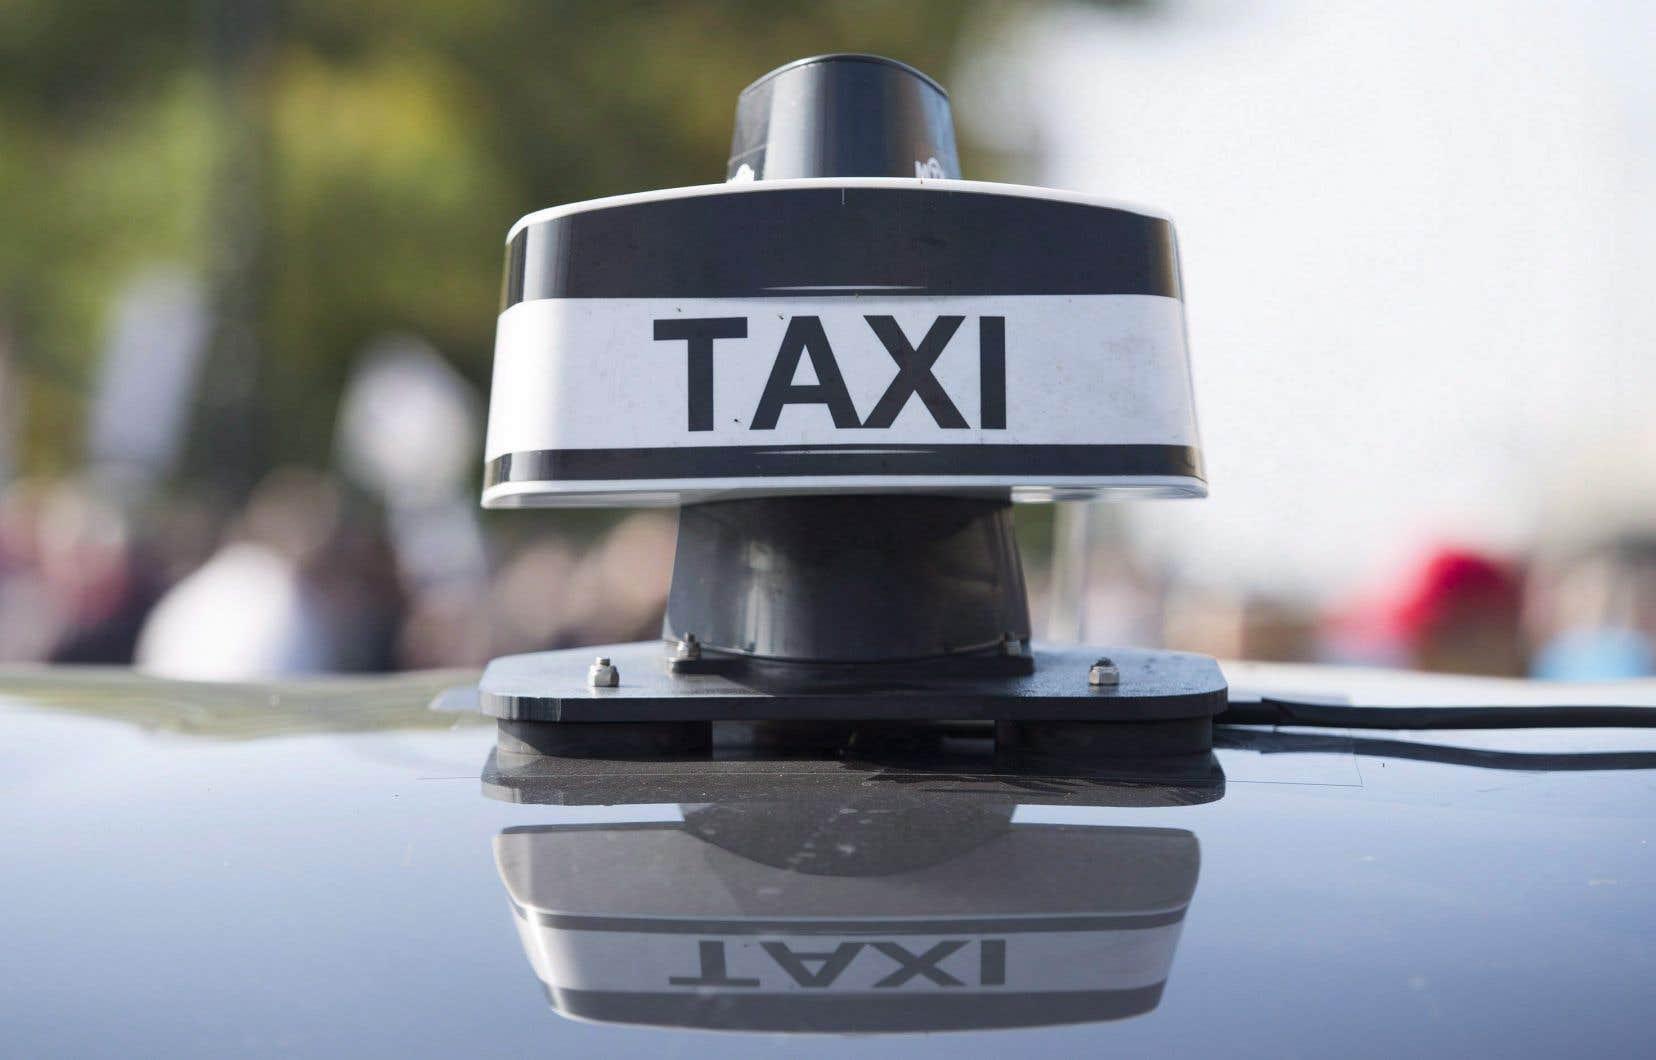 En vertu du projet de loi 17, l'ensemble des chauffeurs, qu'ils soient de l'industrie traditionnelle du taxi ou occasionnels au service d'une application, devra répondre aux mêmes normes.